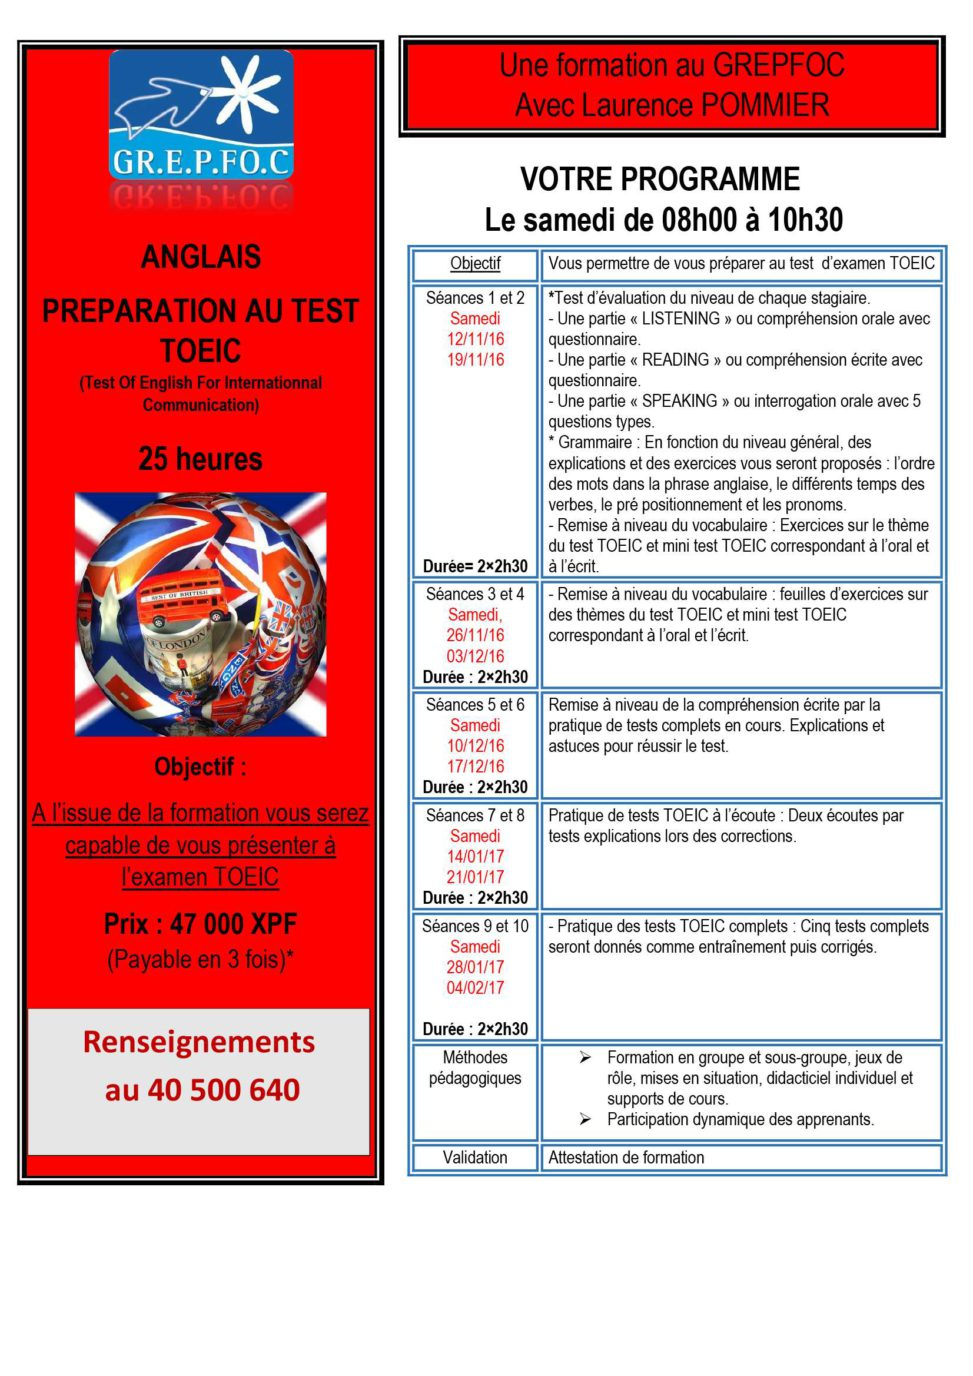 fiche-de-formation-anglais-prepa-test-copie_0001